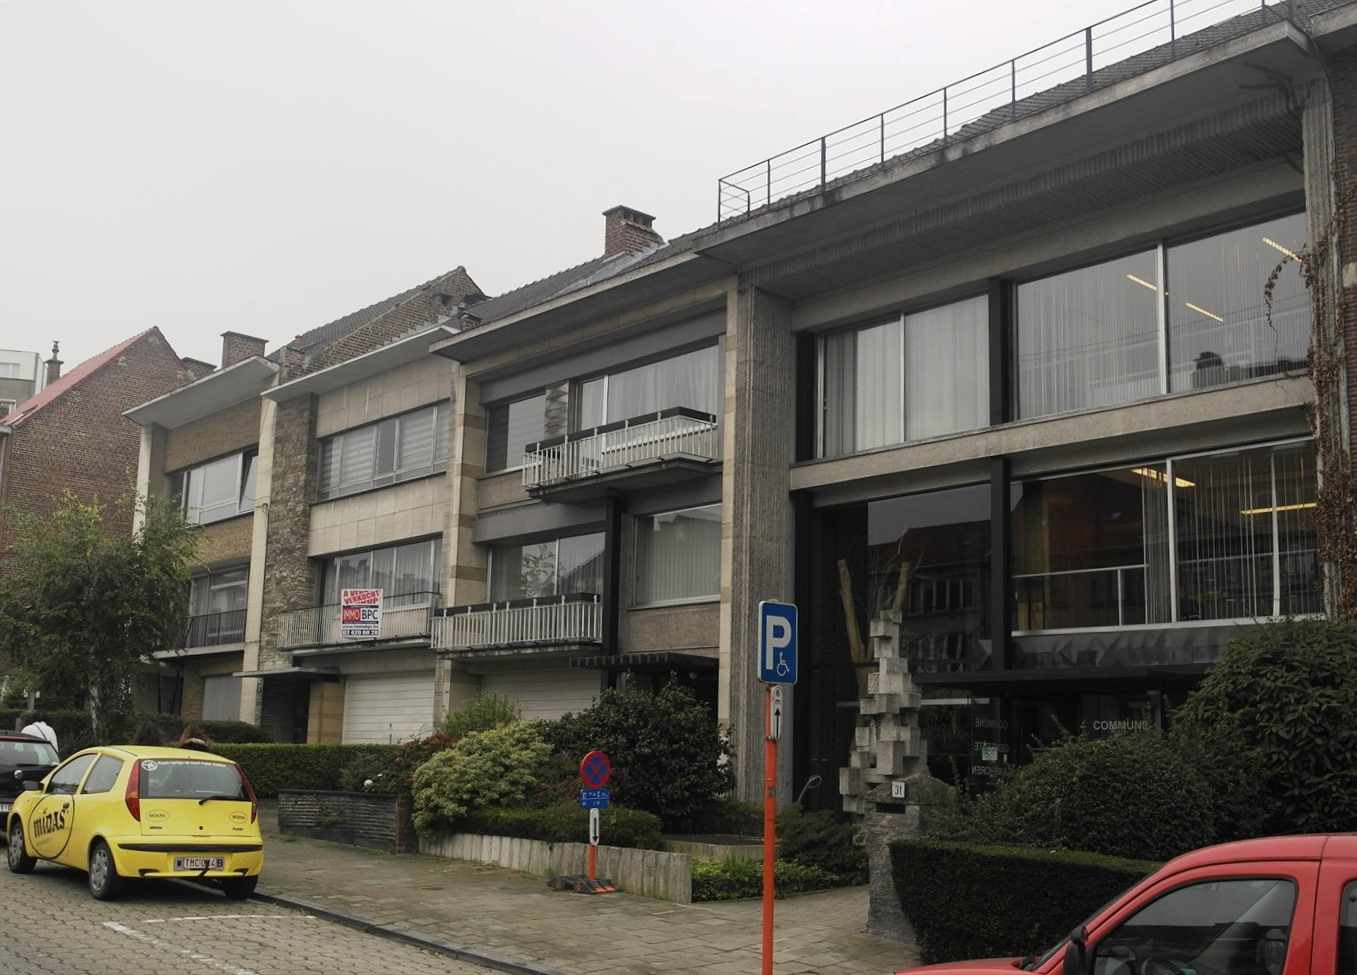 Avenue de Villegas 25 à 31, ensemble de quatre maison construit entre 1957 et 1963, conçu par l'architecte Raoul Brunswyck (2014).